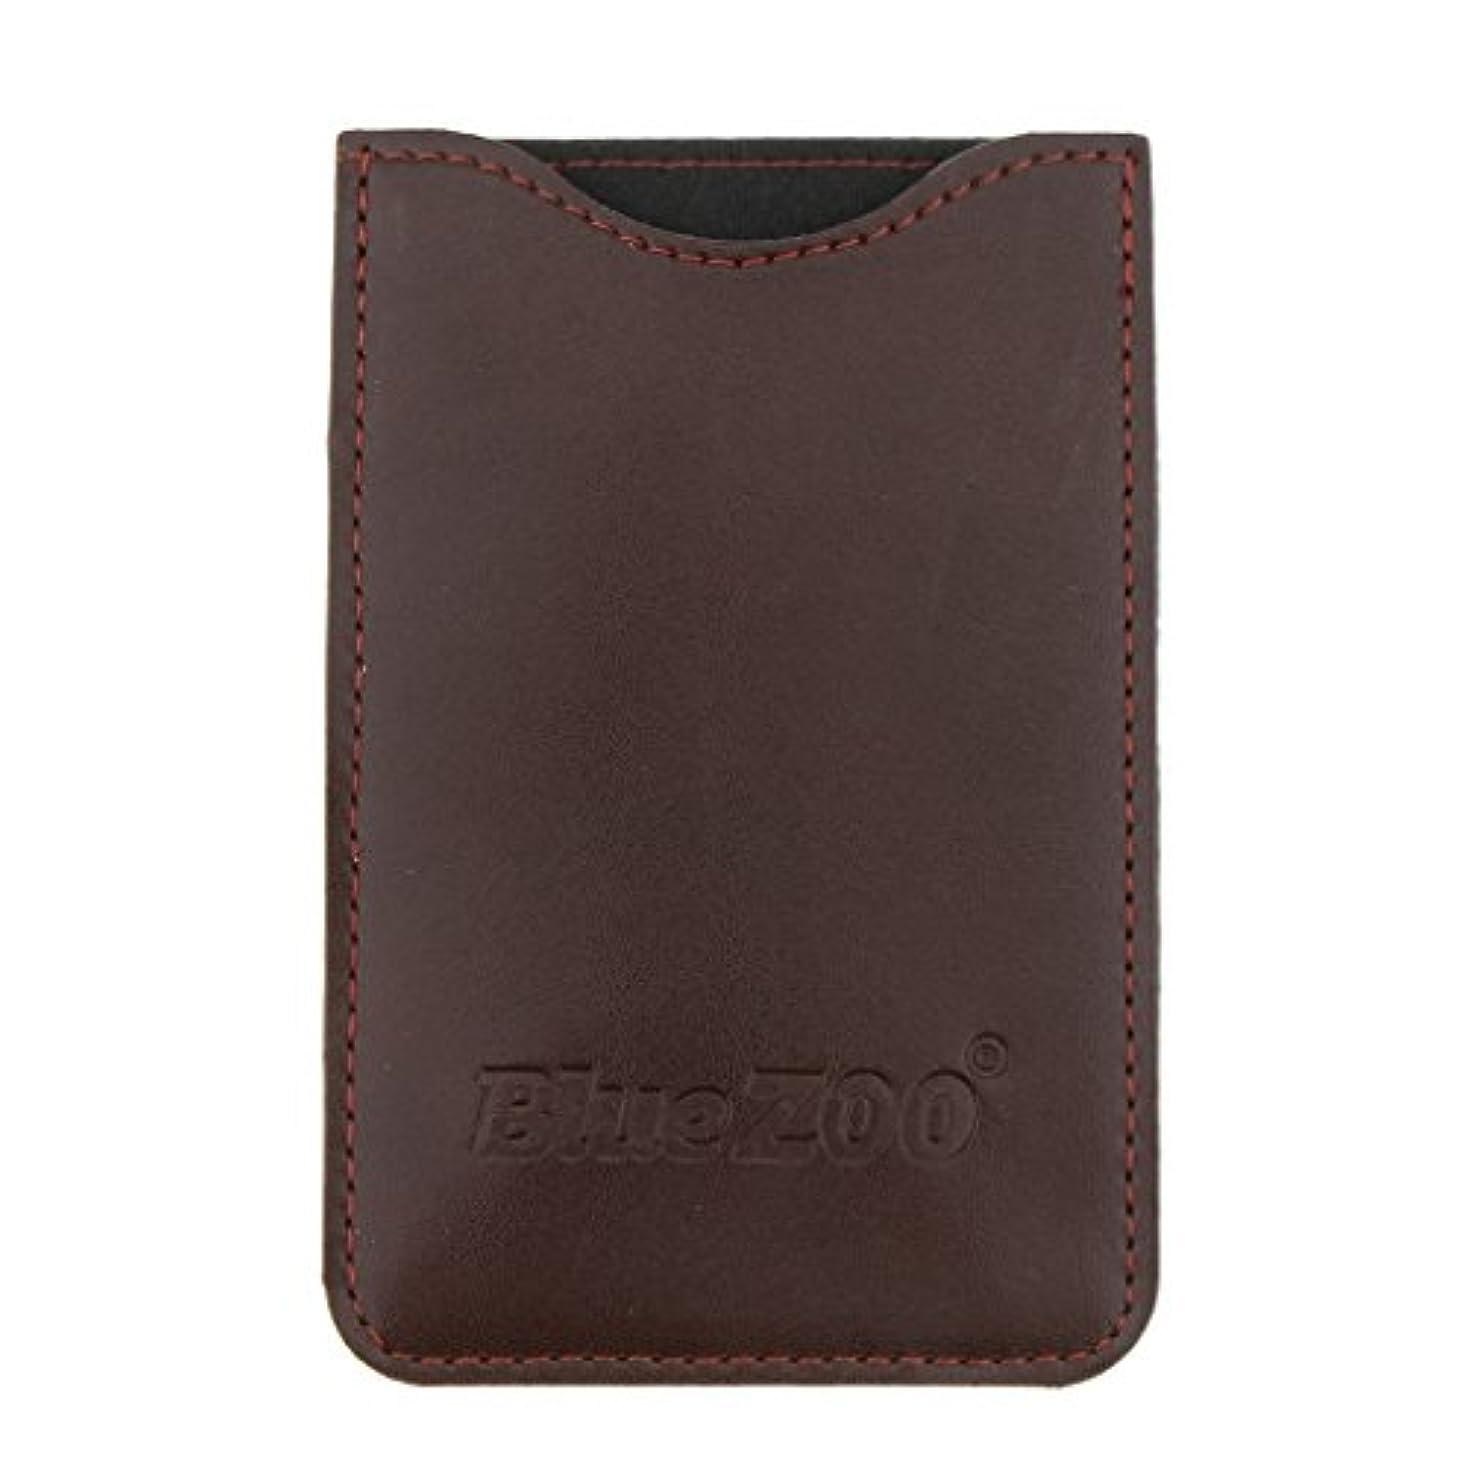 クレジットダニ責め木製のポケットヒゲの櫛の保護収納ポーチ、小さな櫛PUレザーケース - 褐色